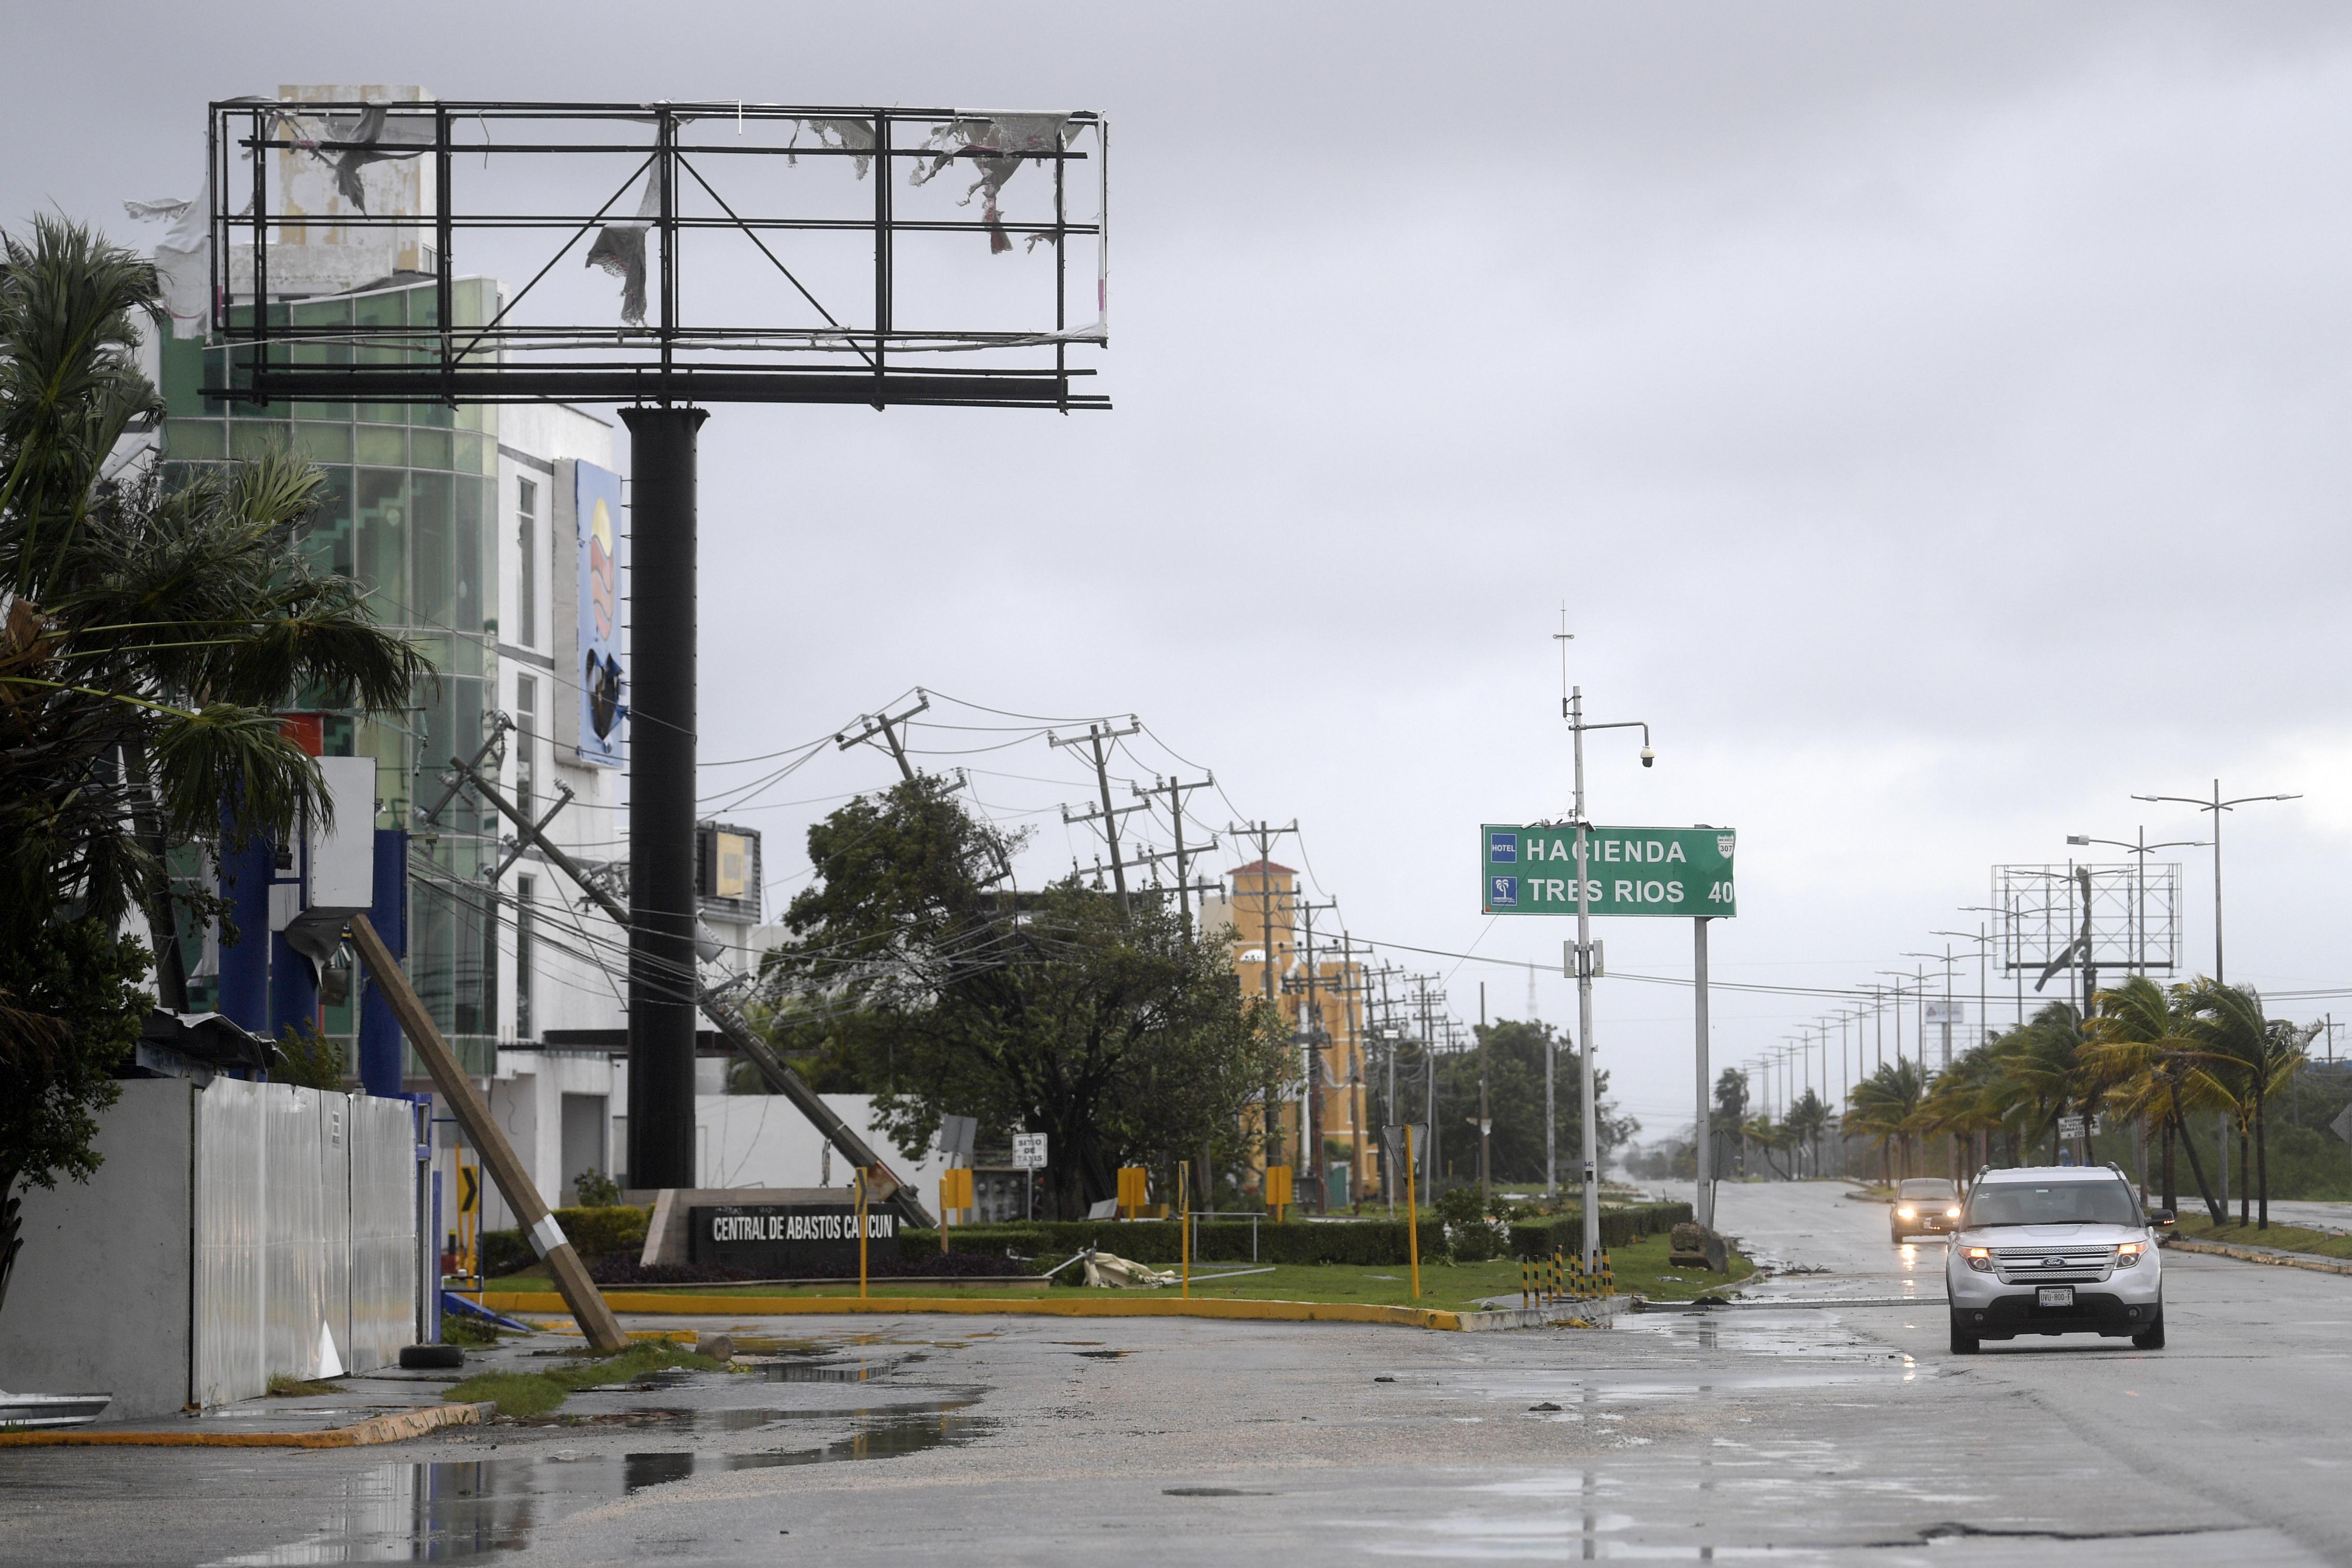 Los automóviles circulan por una carretera después del paso del huracán Delta en Cancún, estado de Quintana Roo, México, el 7 de octubre de 2020.